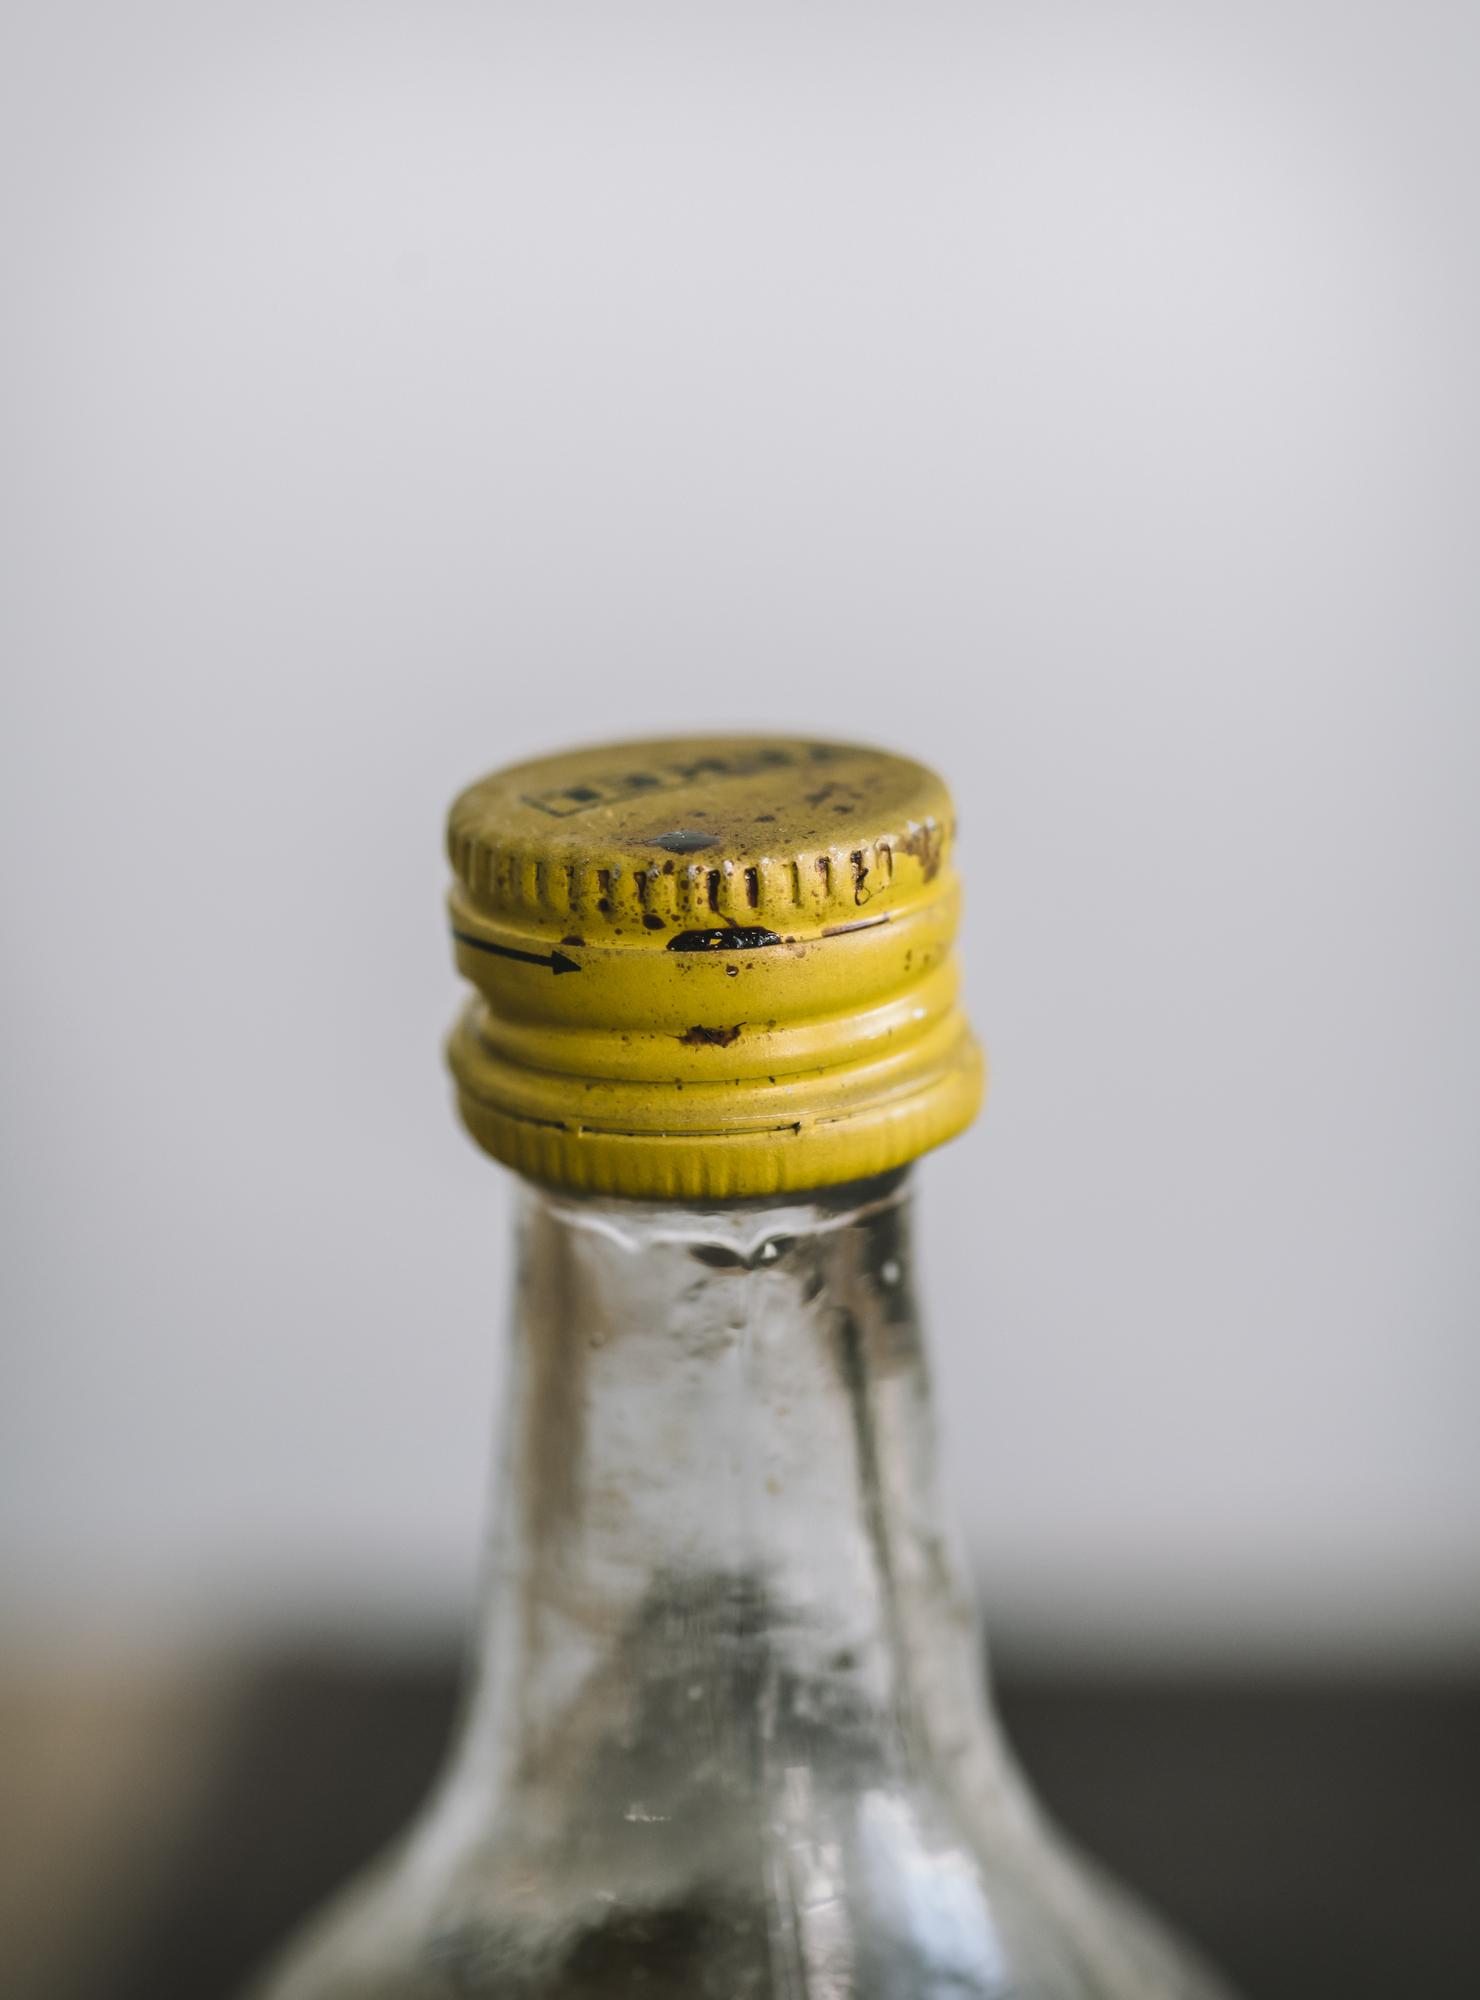 VintageAlcoholBottles066.JPG